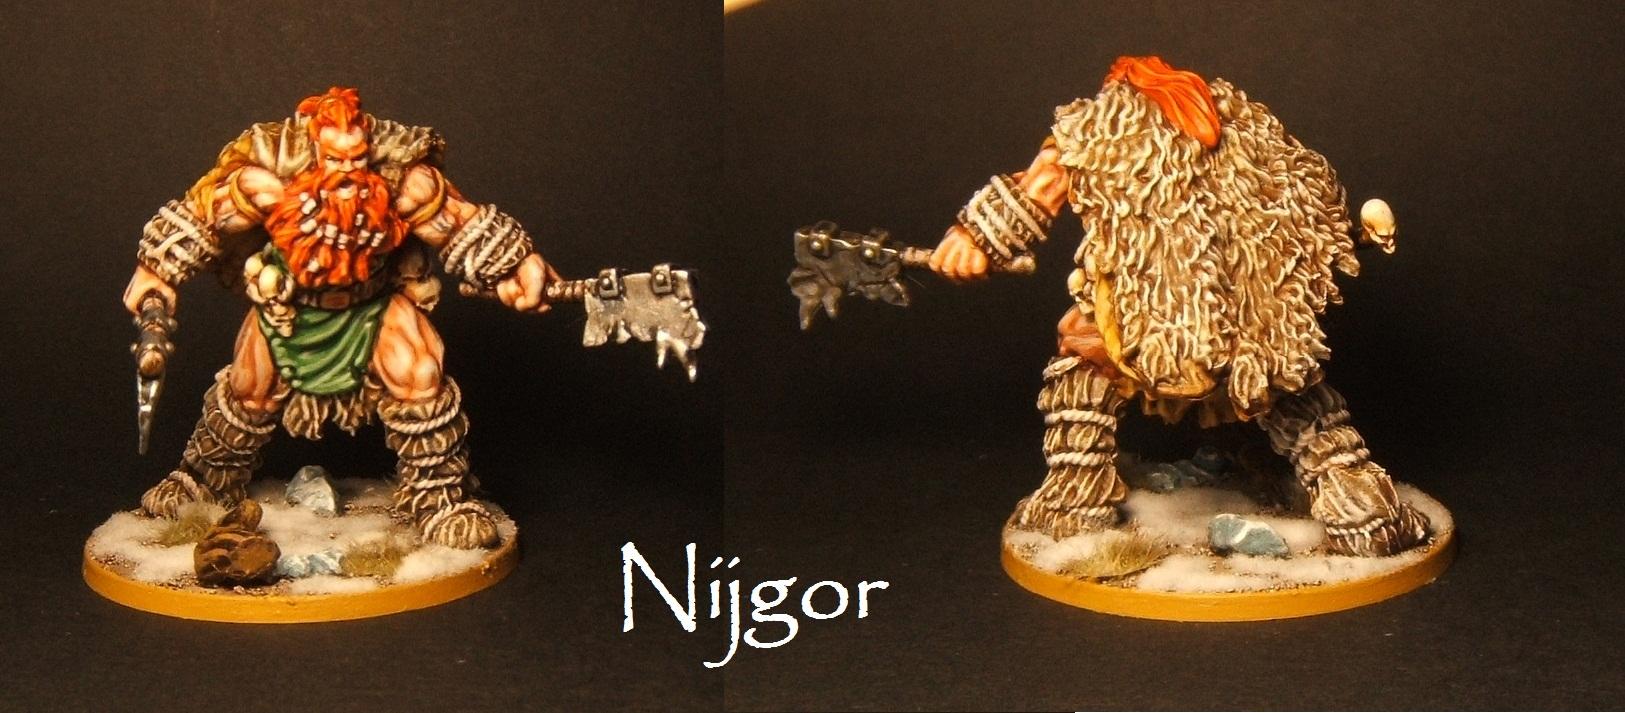 Ma version du Conan de Monolith - Page 3 Nijgor10